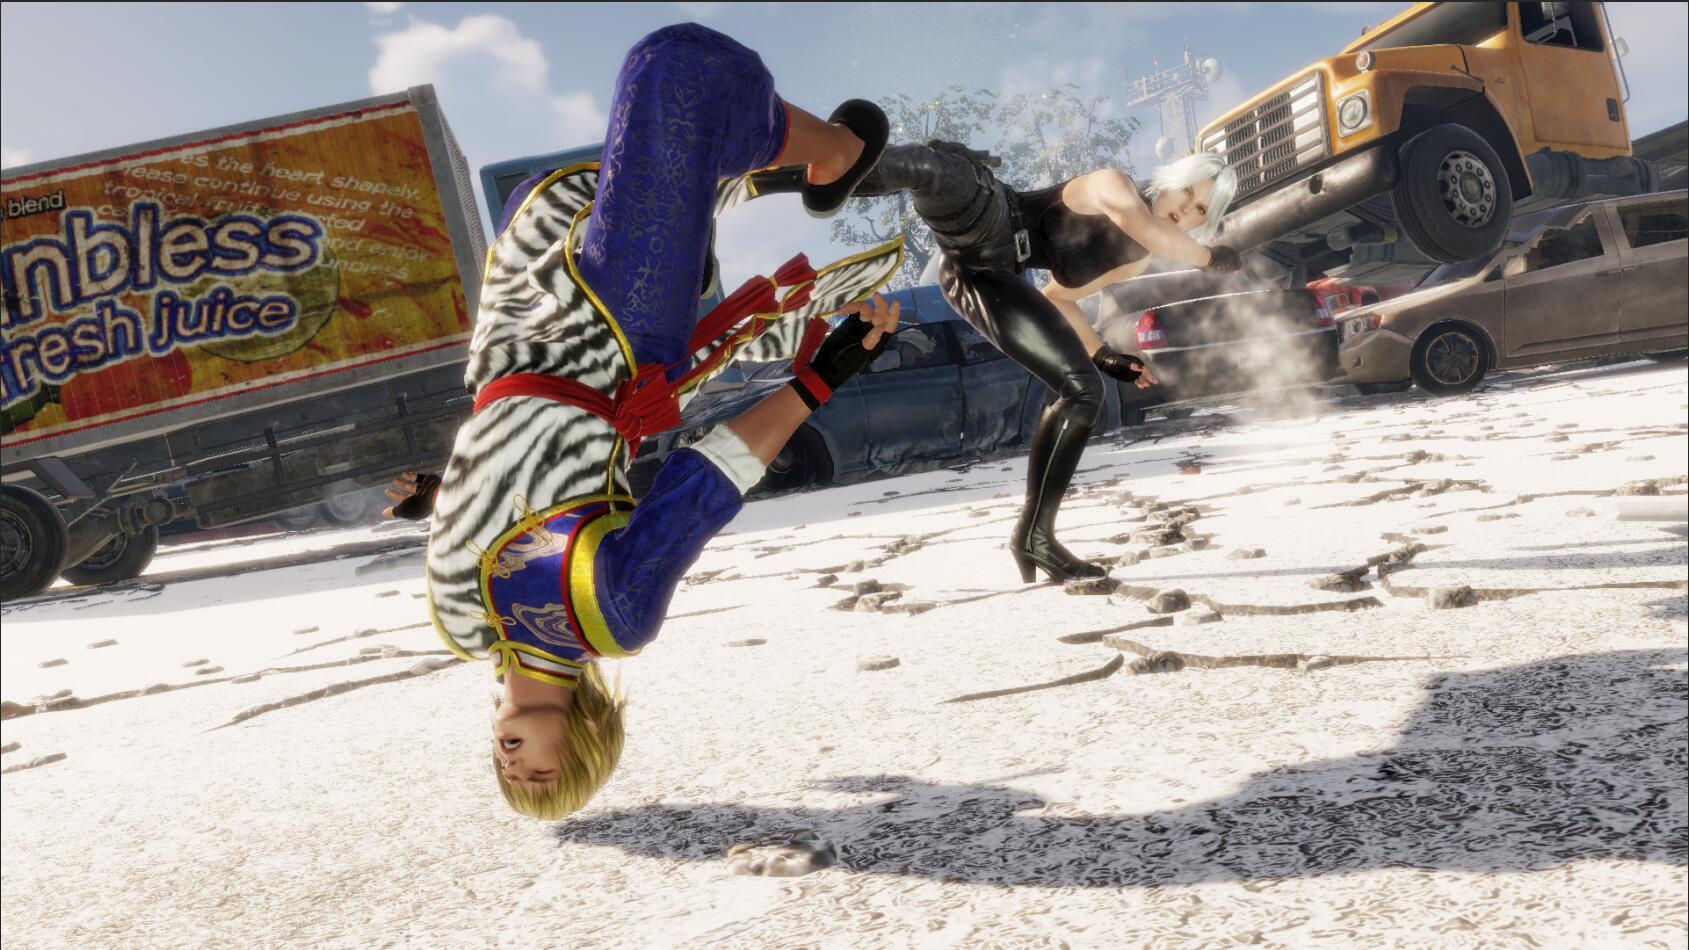 《死或生6》开发团队想要增强游戏竞技性 目标电竞